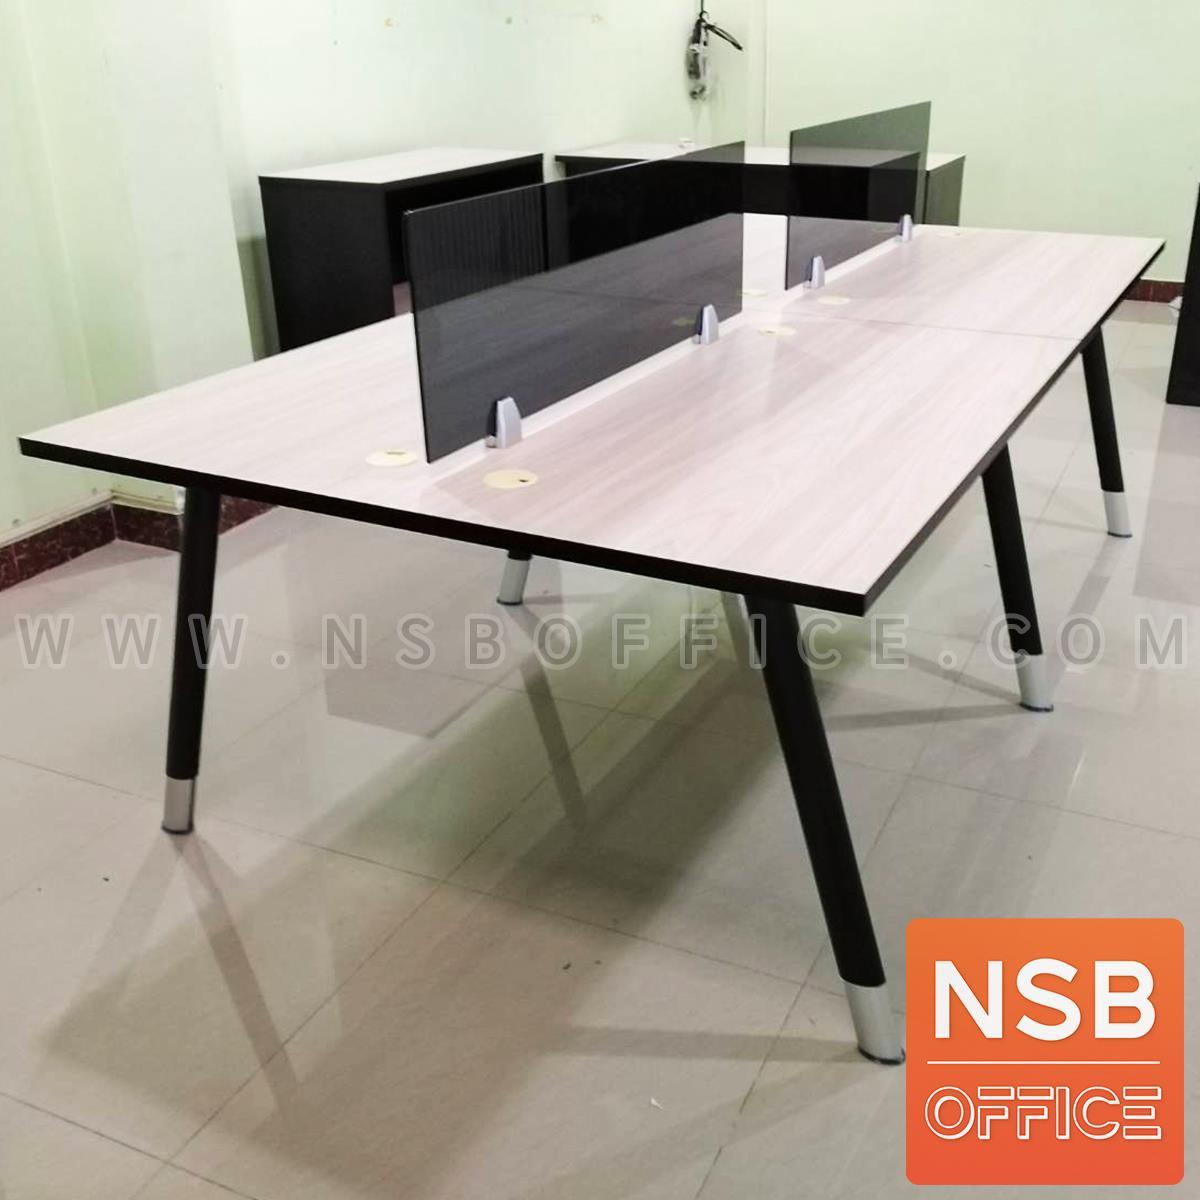 ชุดโต๊ะทำงาน 4 ที่นั่ง  รุ่น Brenton (เบรนตัน) ขนาด 240W cm. พร้อมมินิสกรีนด้านหน้า